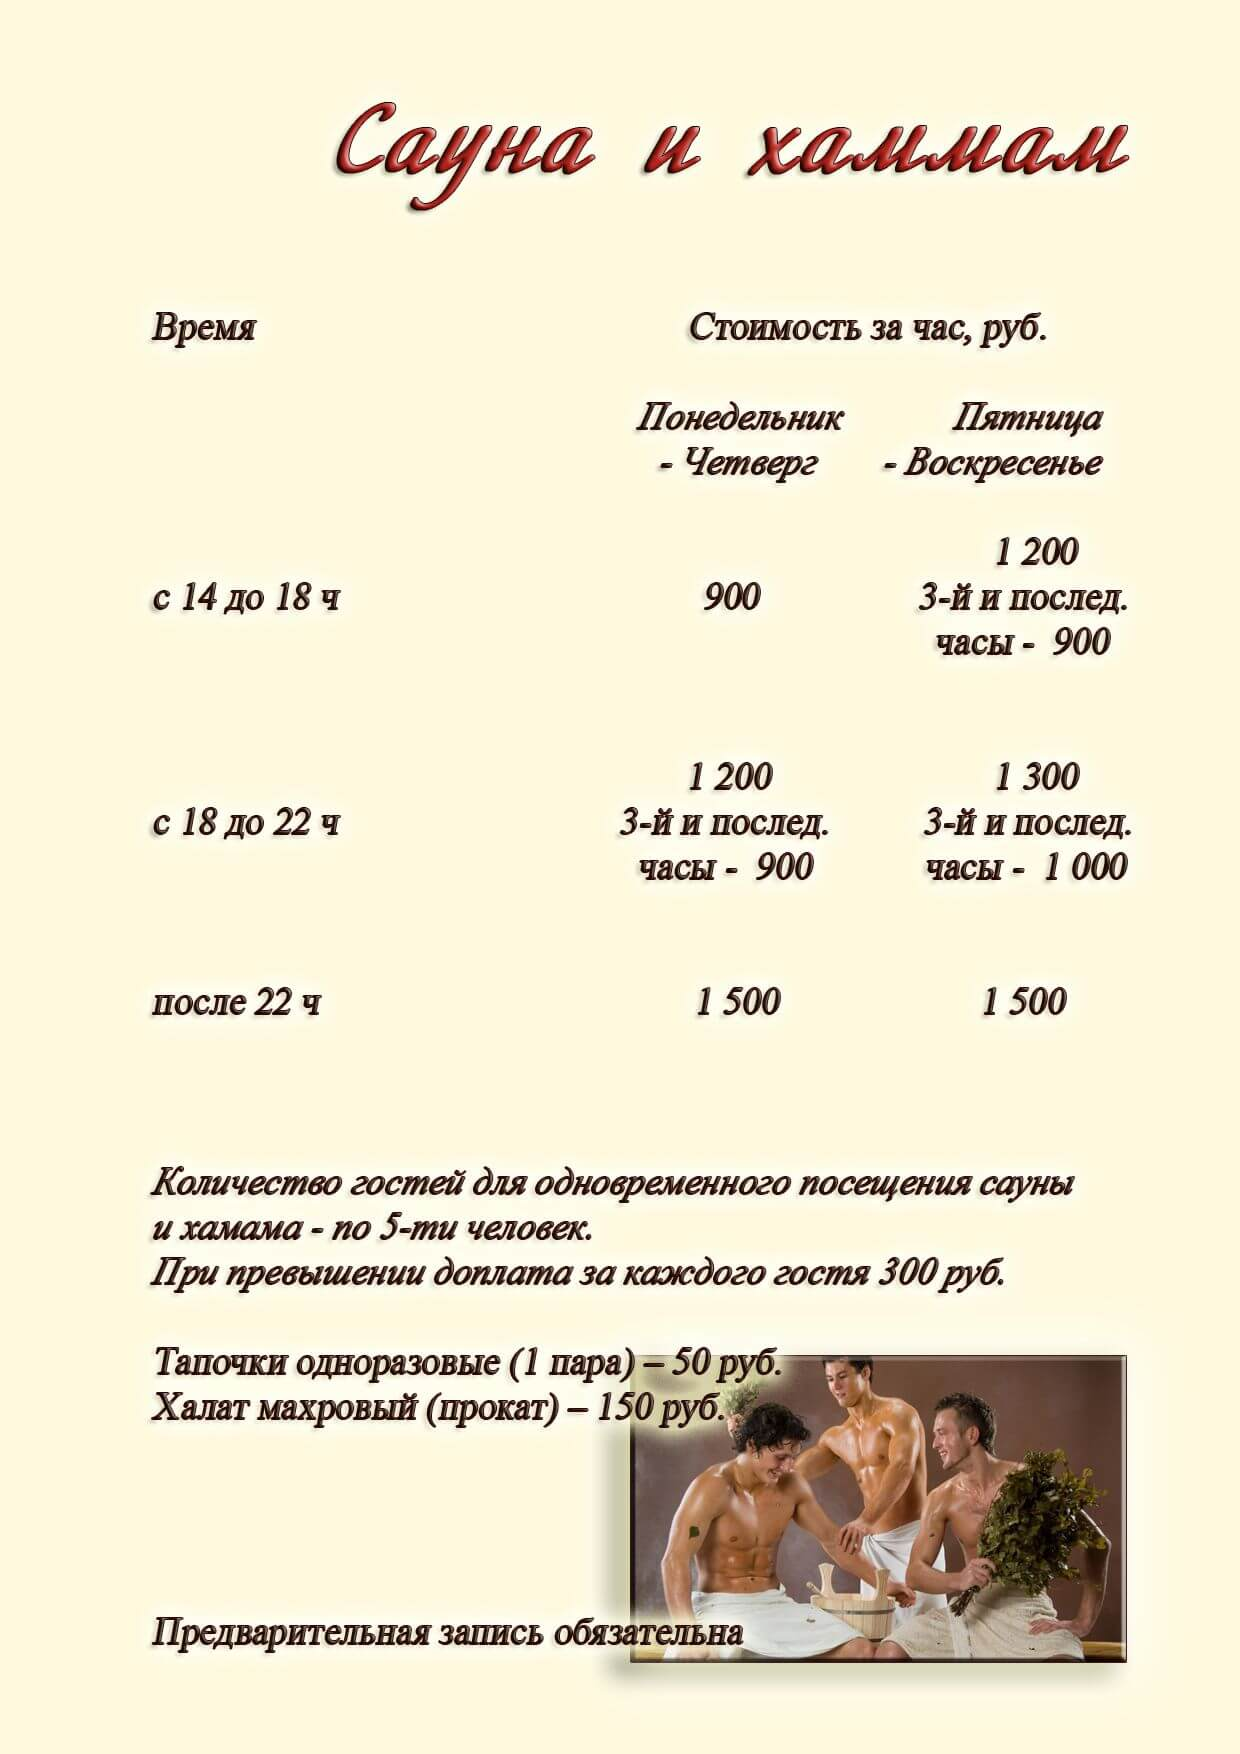 Цены на сауну и хаммам - Гранд отель Гагра - отель европейского уровня в Абхазии (Grand Hotel Gagra)